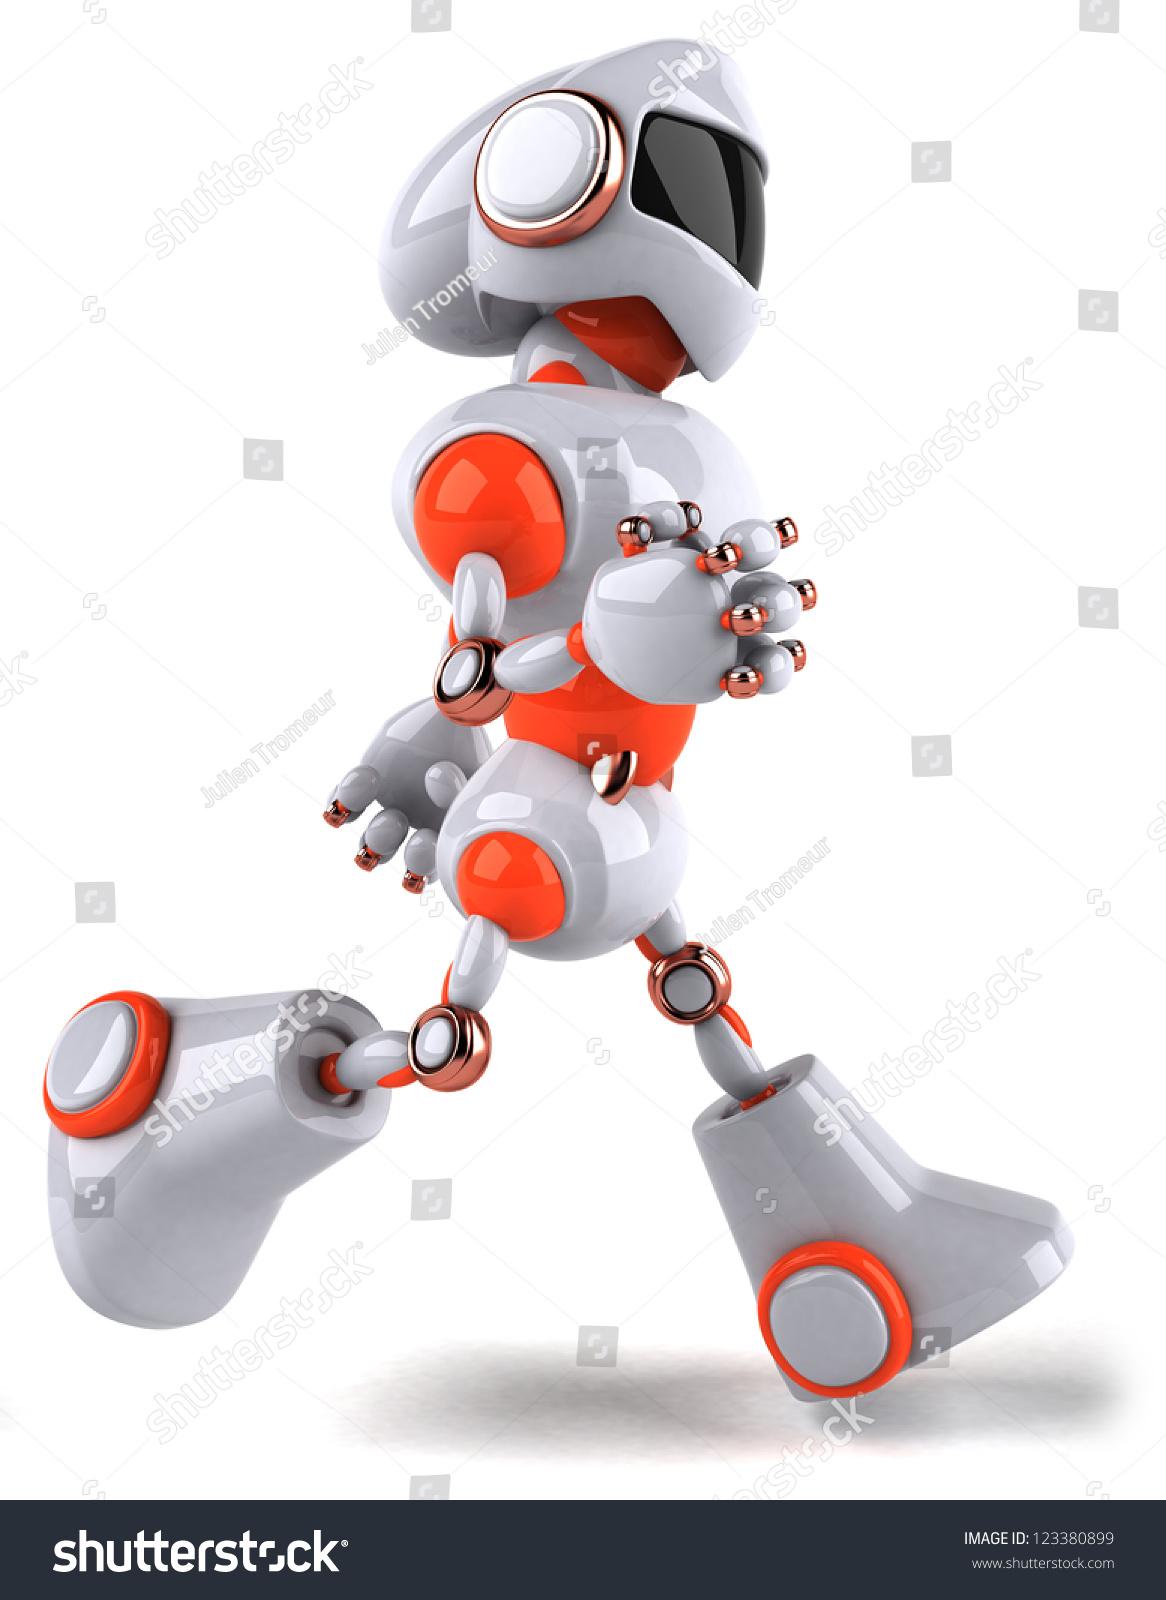 趣味机器人-科技,符号/标志-海洛创意(hellorf)-中国